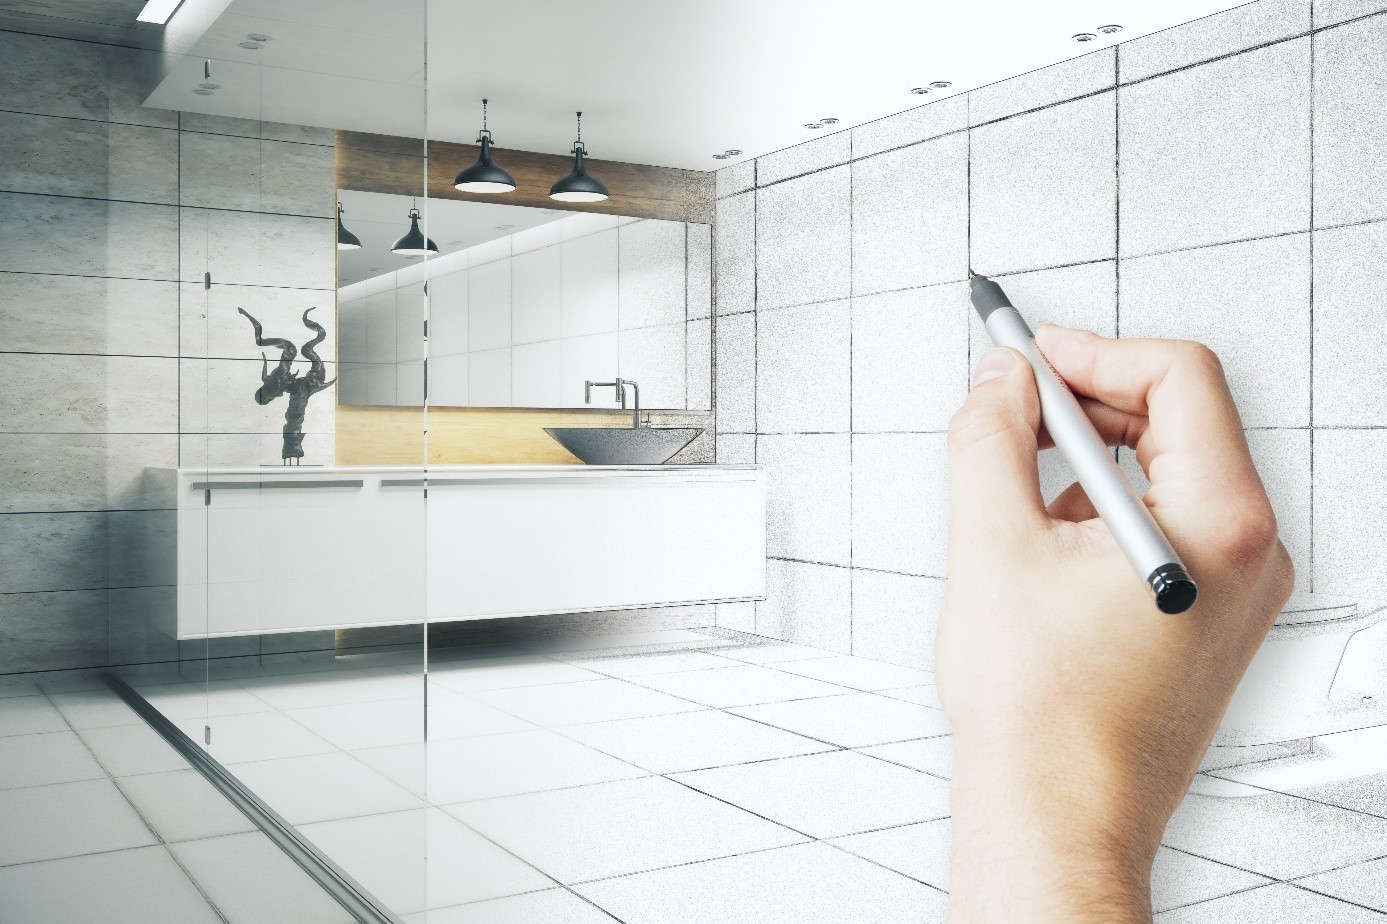 Ideeen Badkamer Renovatie : Redenen om je badkamer te verbouwen of te renoveren nieuws